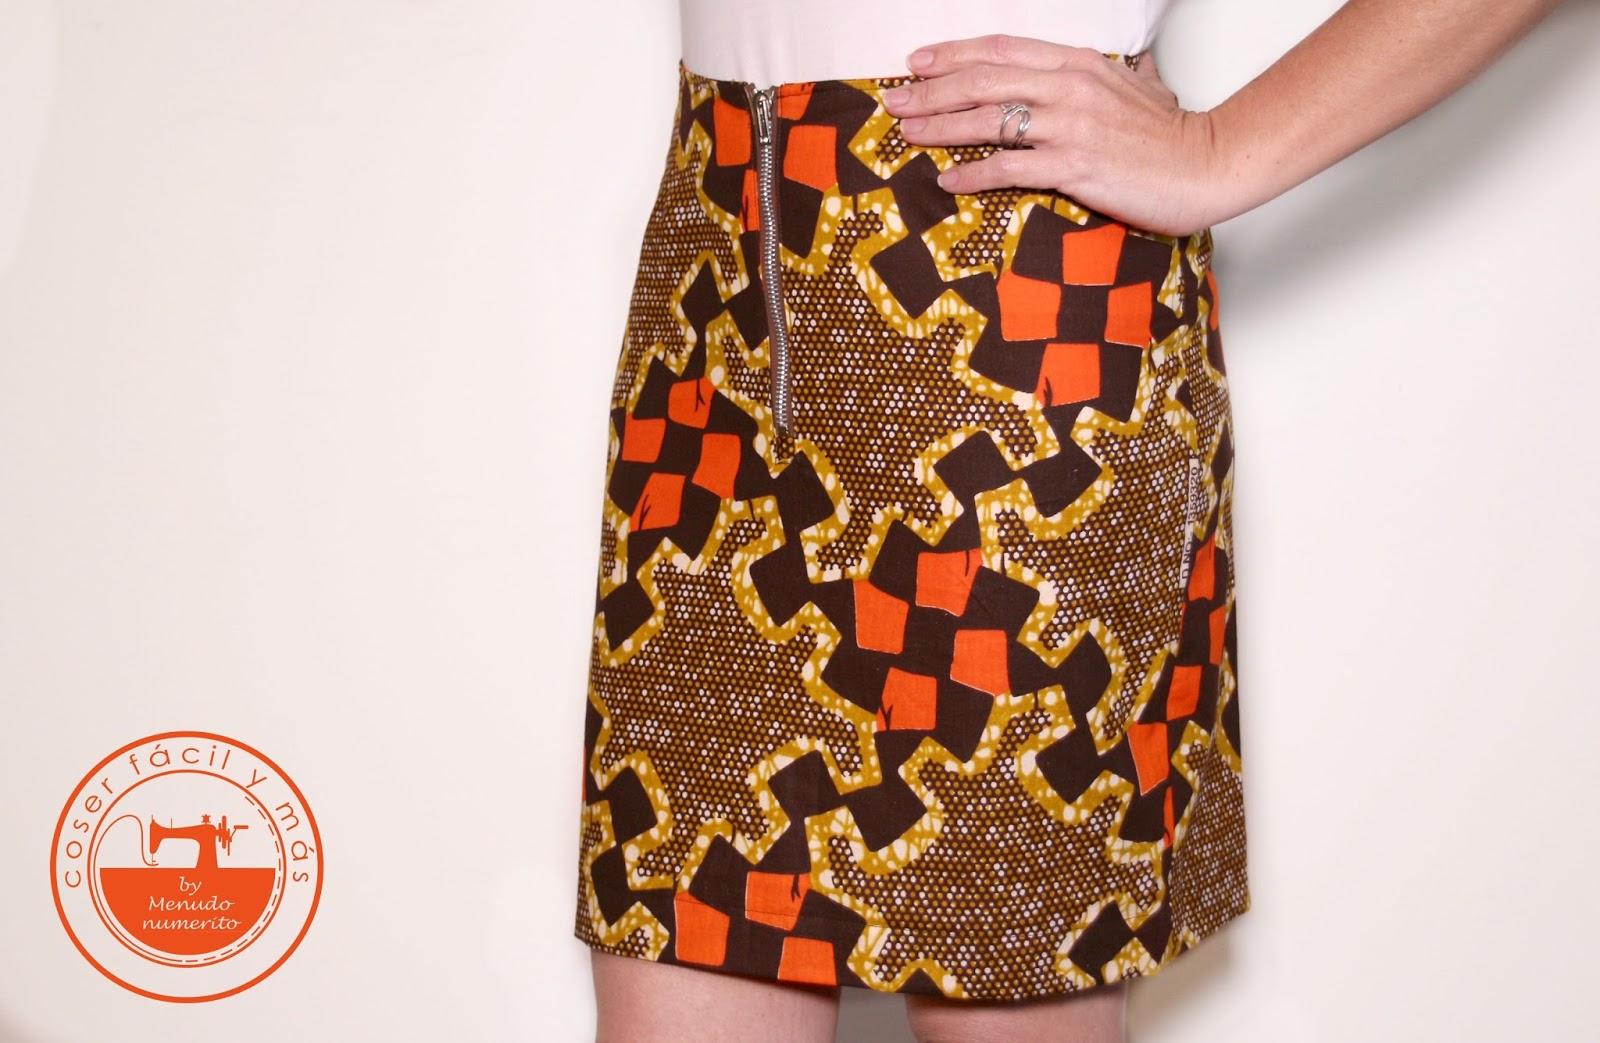 07028f916 Serie faldas II: falda recta a medida - El blog de Coser fácil y más ...